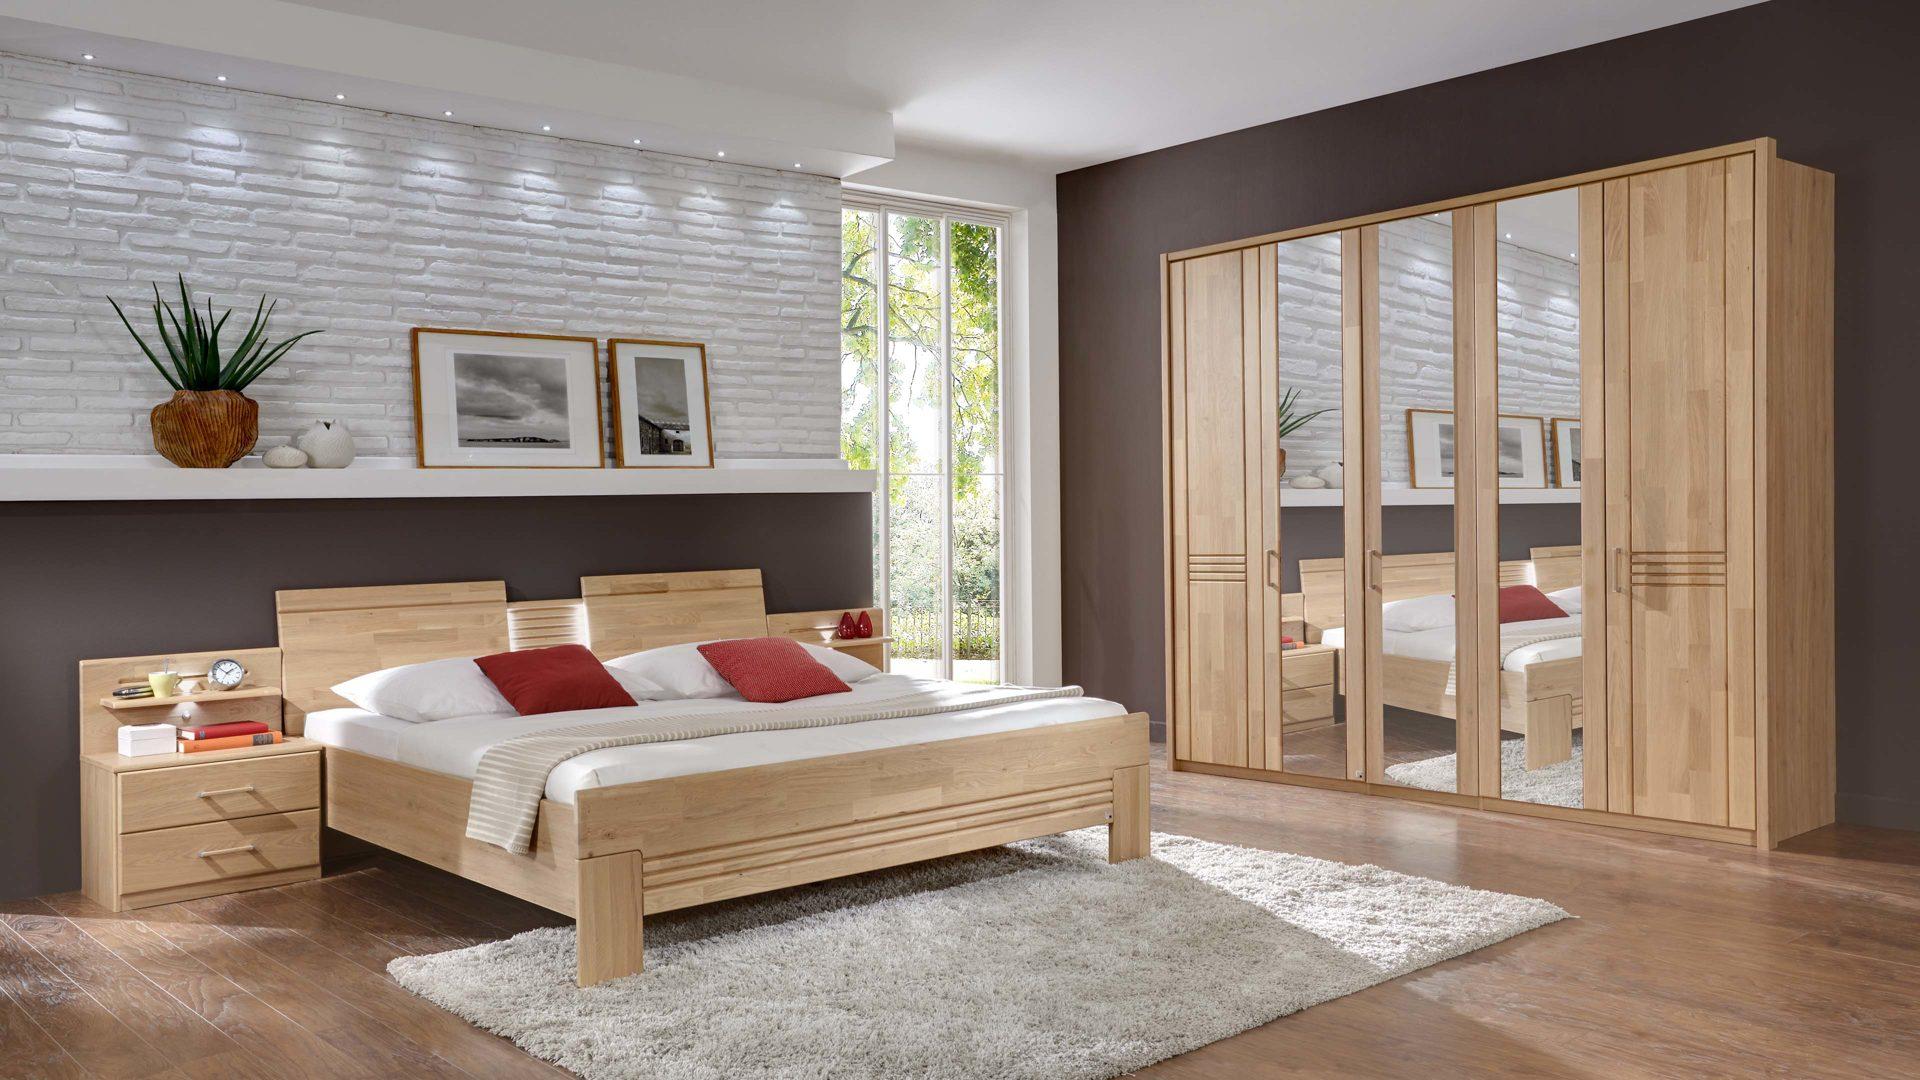 Schlafzimmer mit Kleiderschrank und Doppelbett, Wildeiche ...